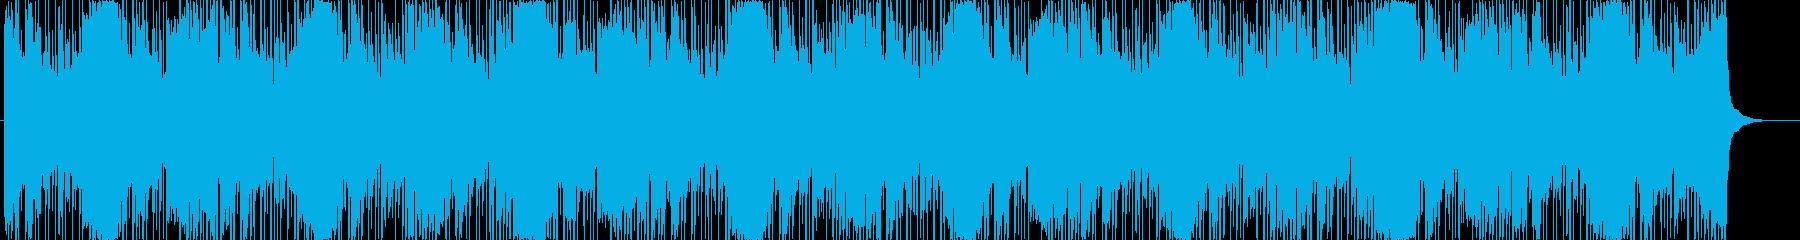 ピアノとリズムシーケンスの緊迫系ゲーム曲の再生済みの波形